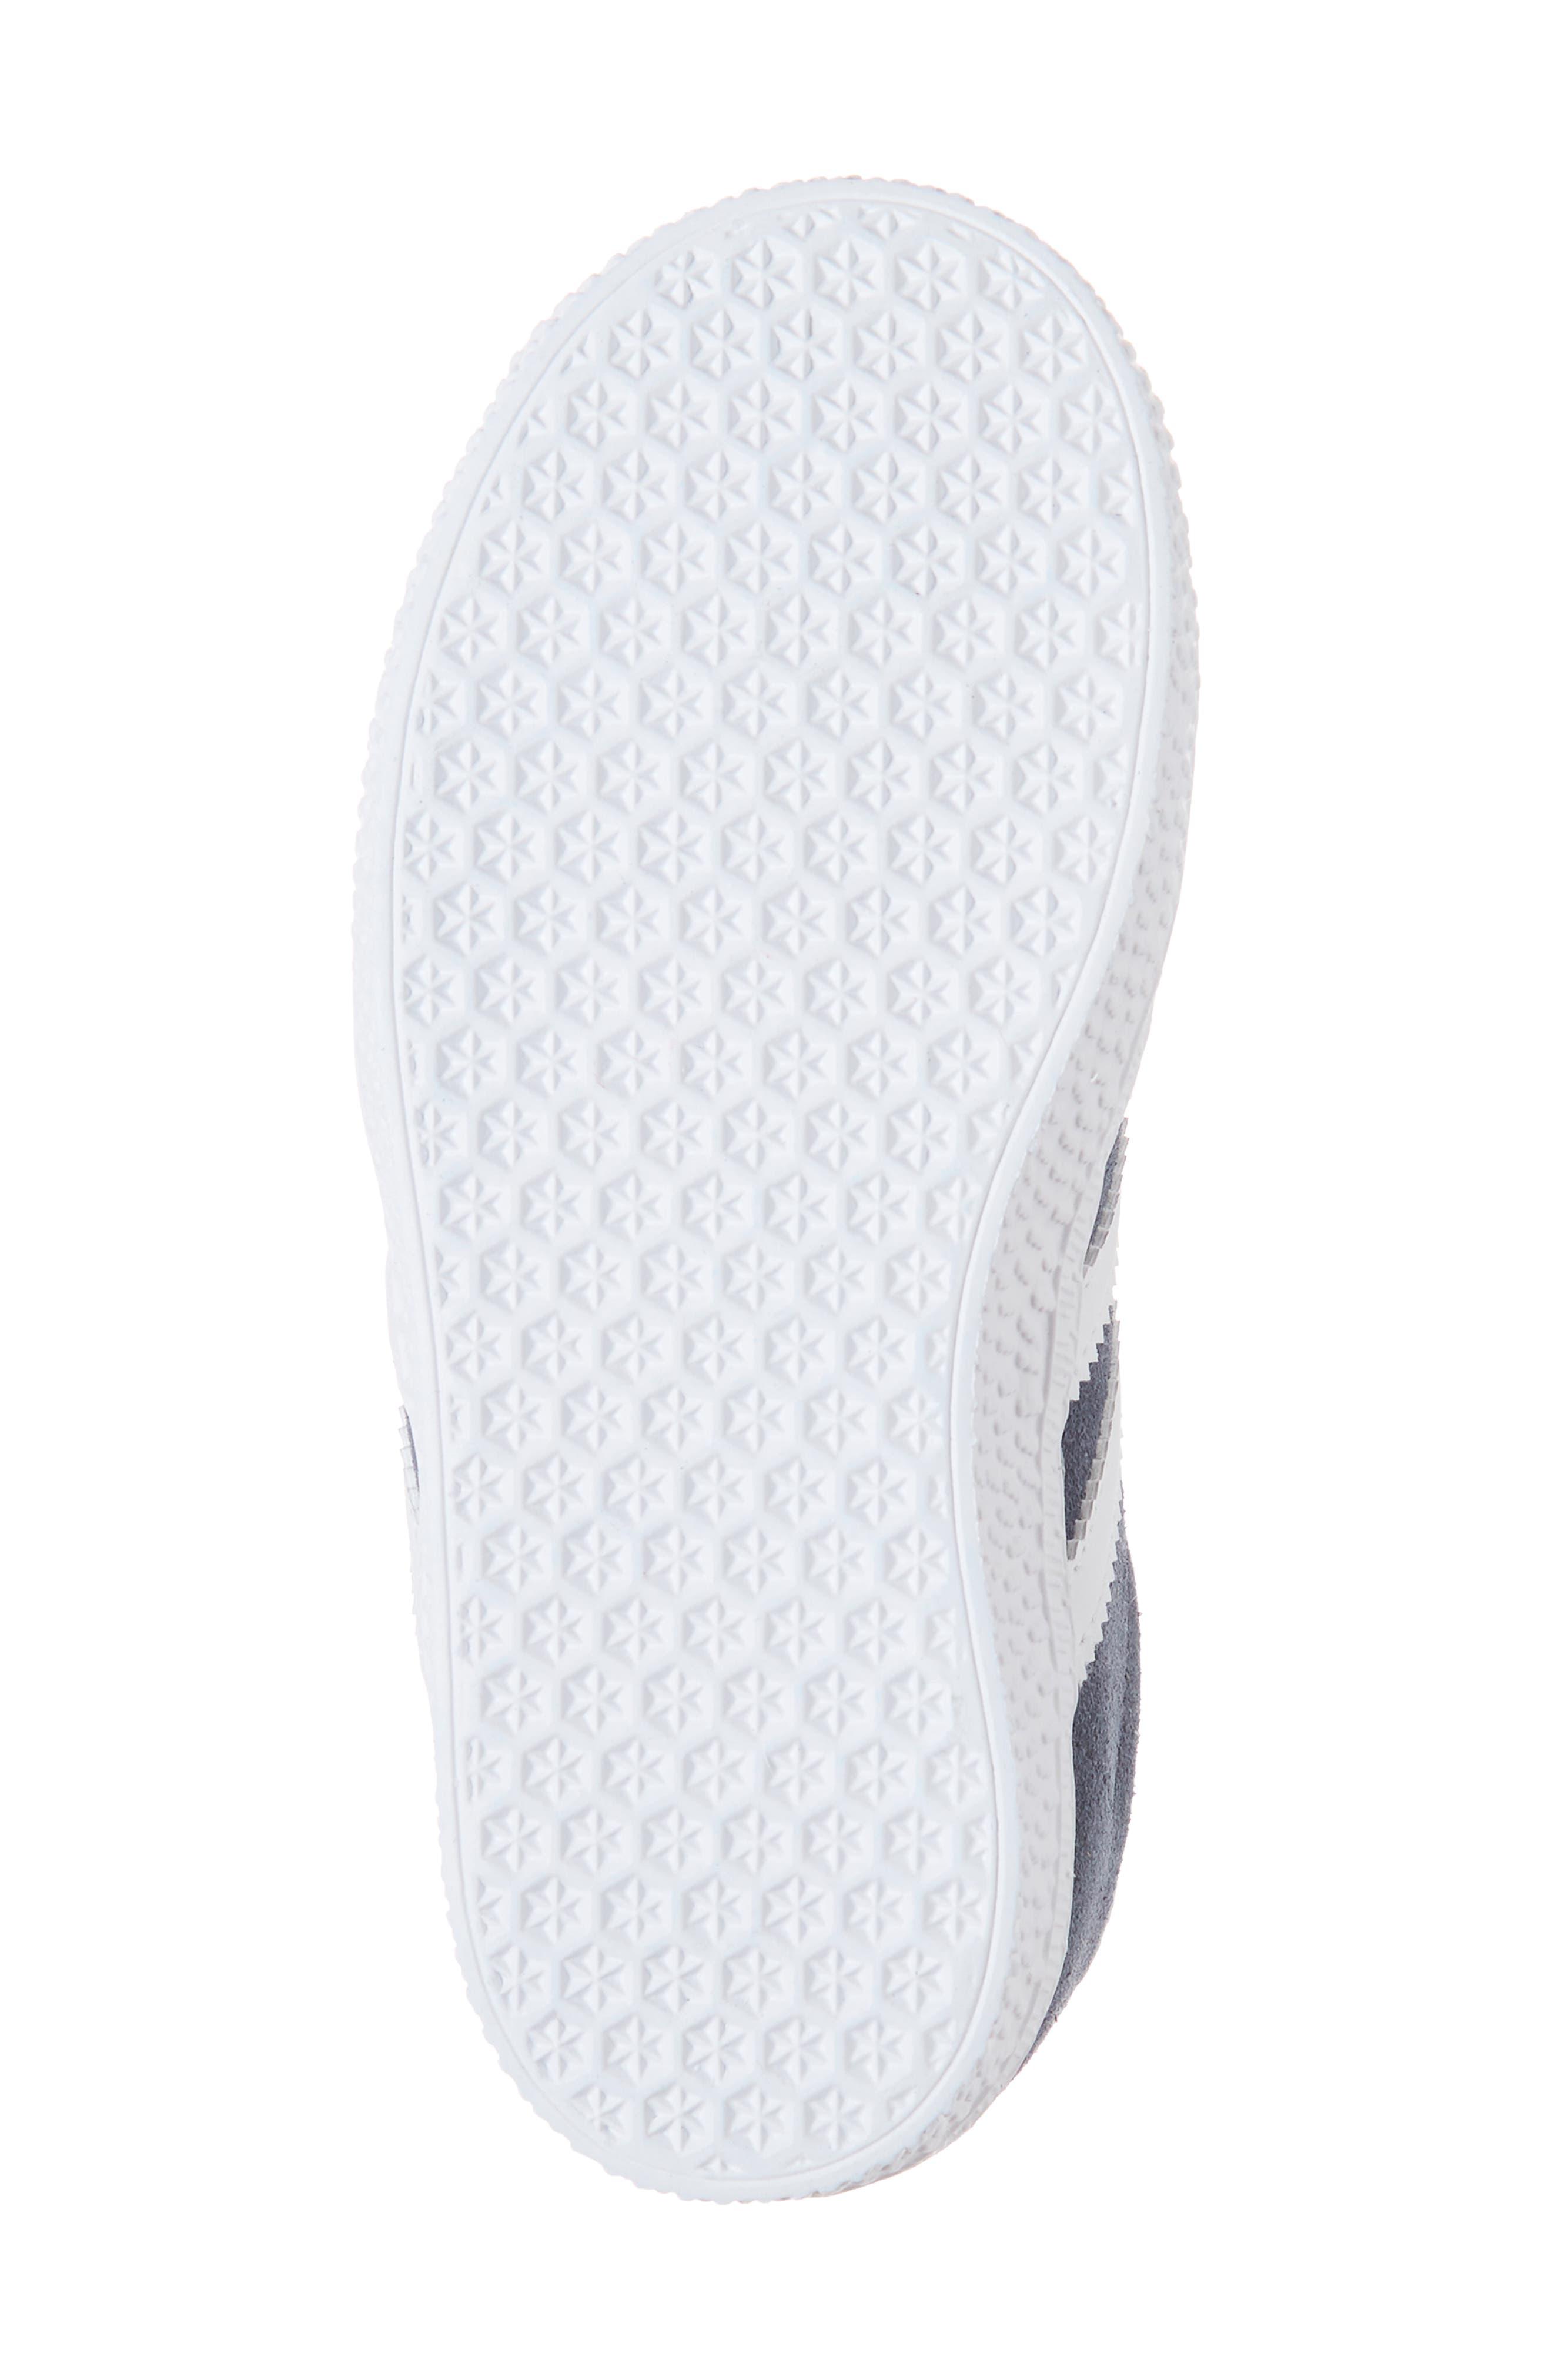 Gazelle Sneaker,                             Alternate thumbnail 6, color,                             NAVY/ WHITE